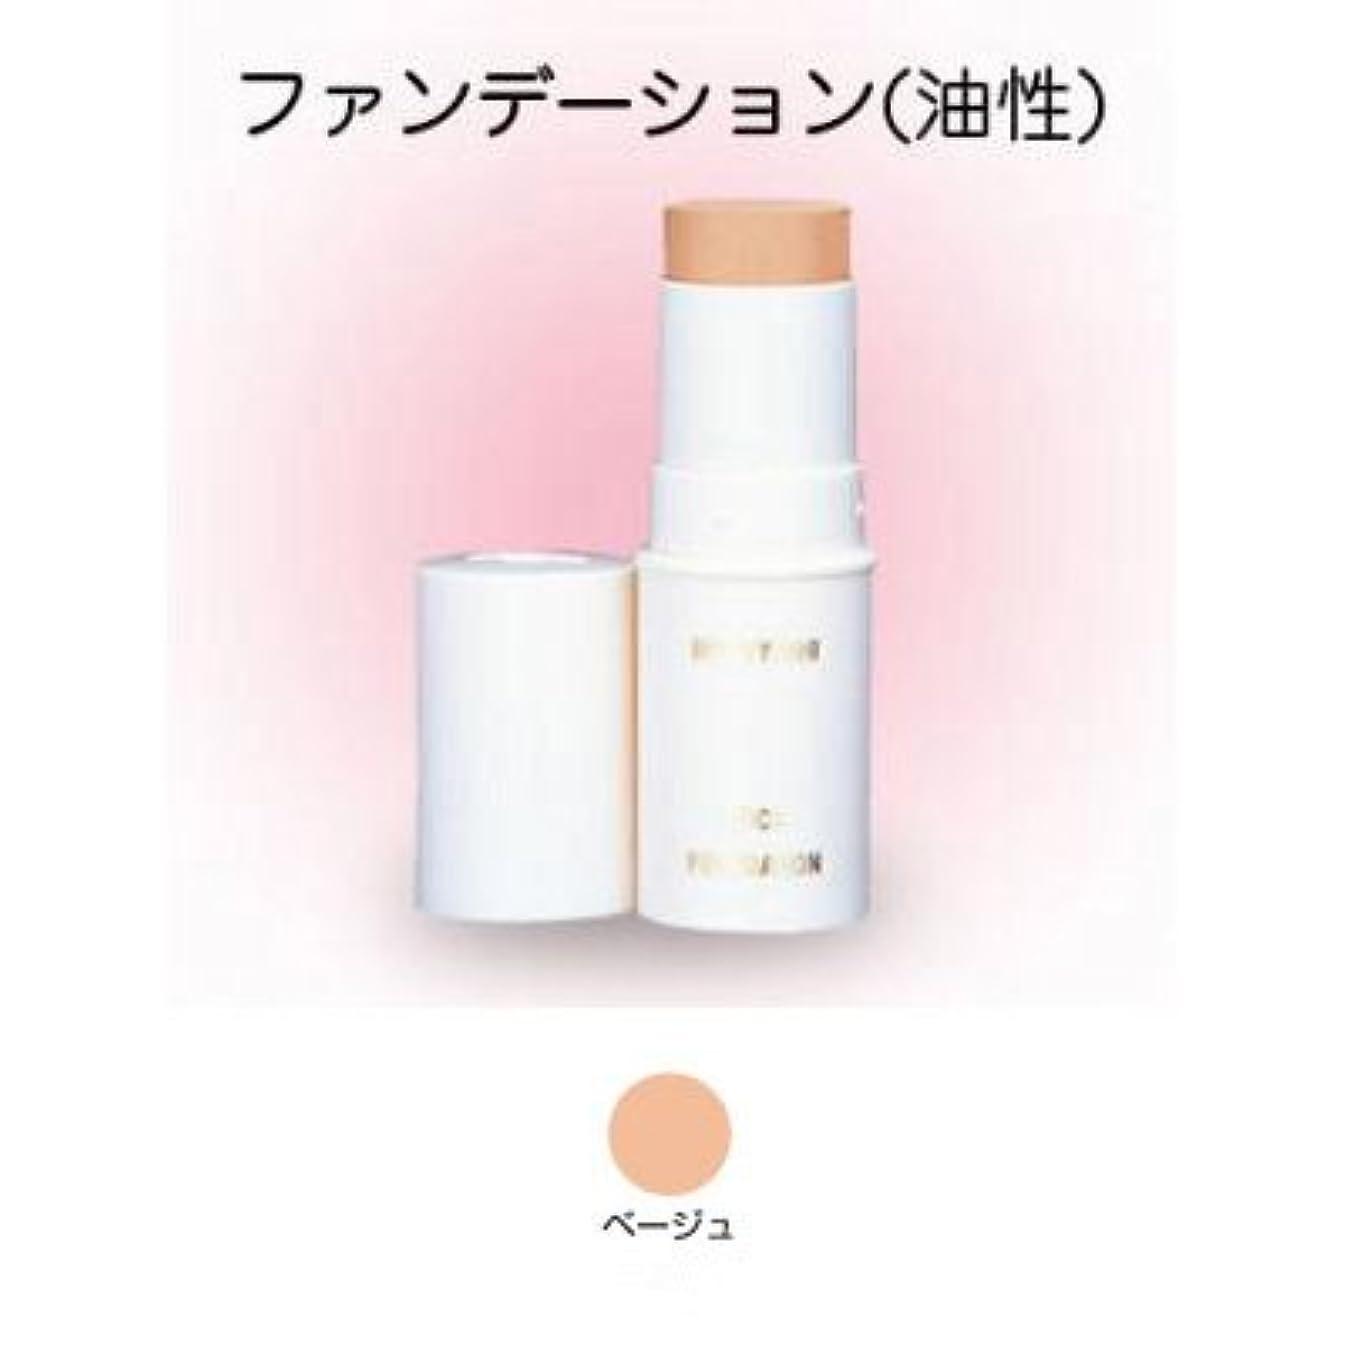 パッド綺麗なヒステリックスティックファンデーション 16g ベージュ 【三善】